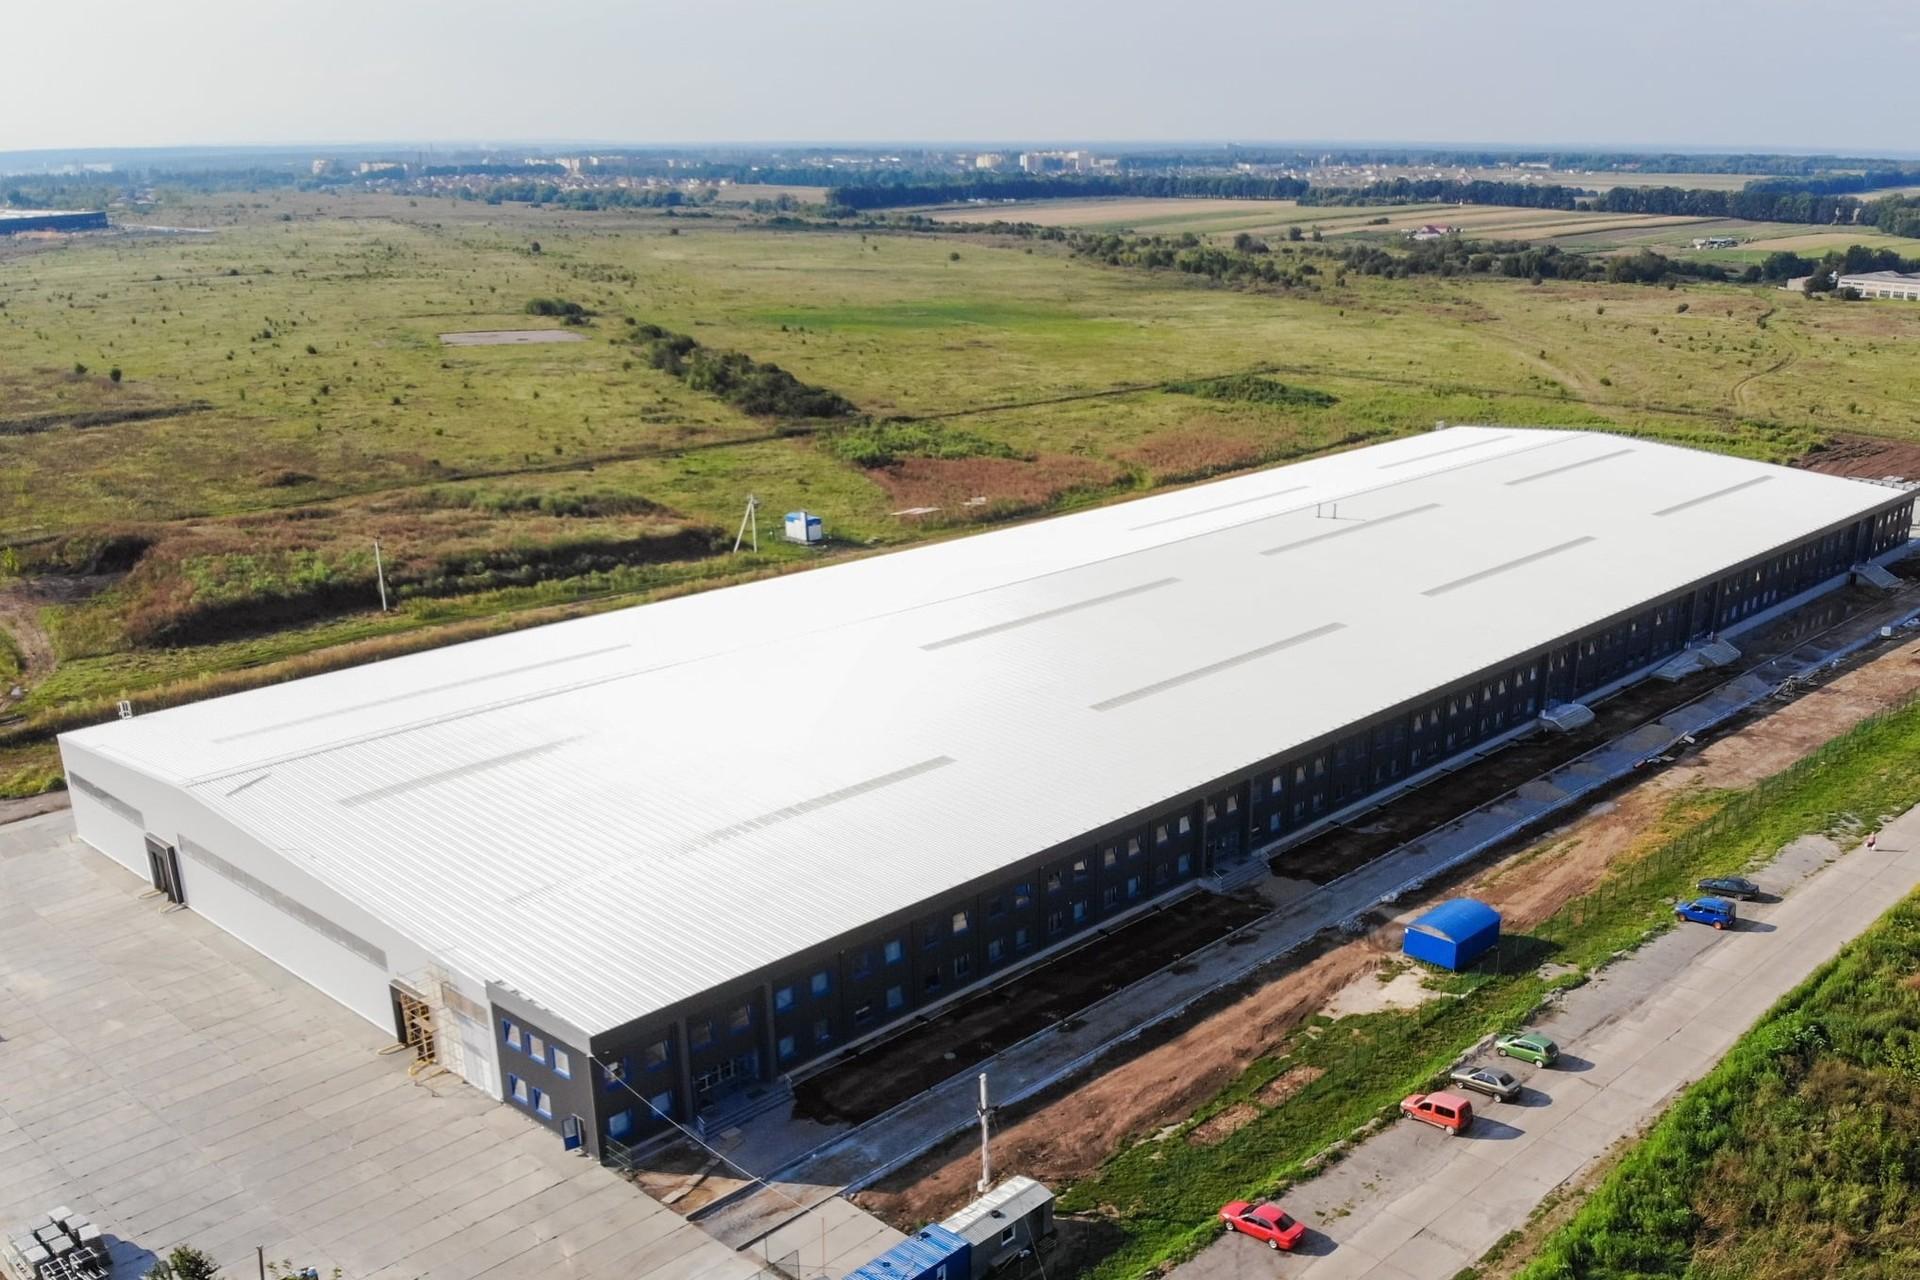 Вінницький індустріальний парк: створено умови щодо забезпечення електричною потужністю, яка необхідна для будівництва нових підприємств